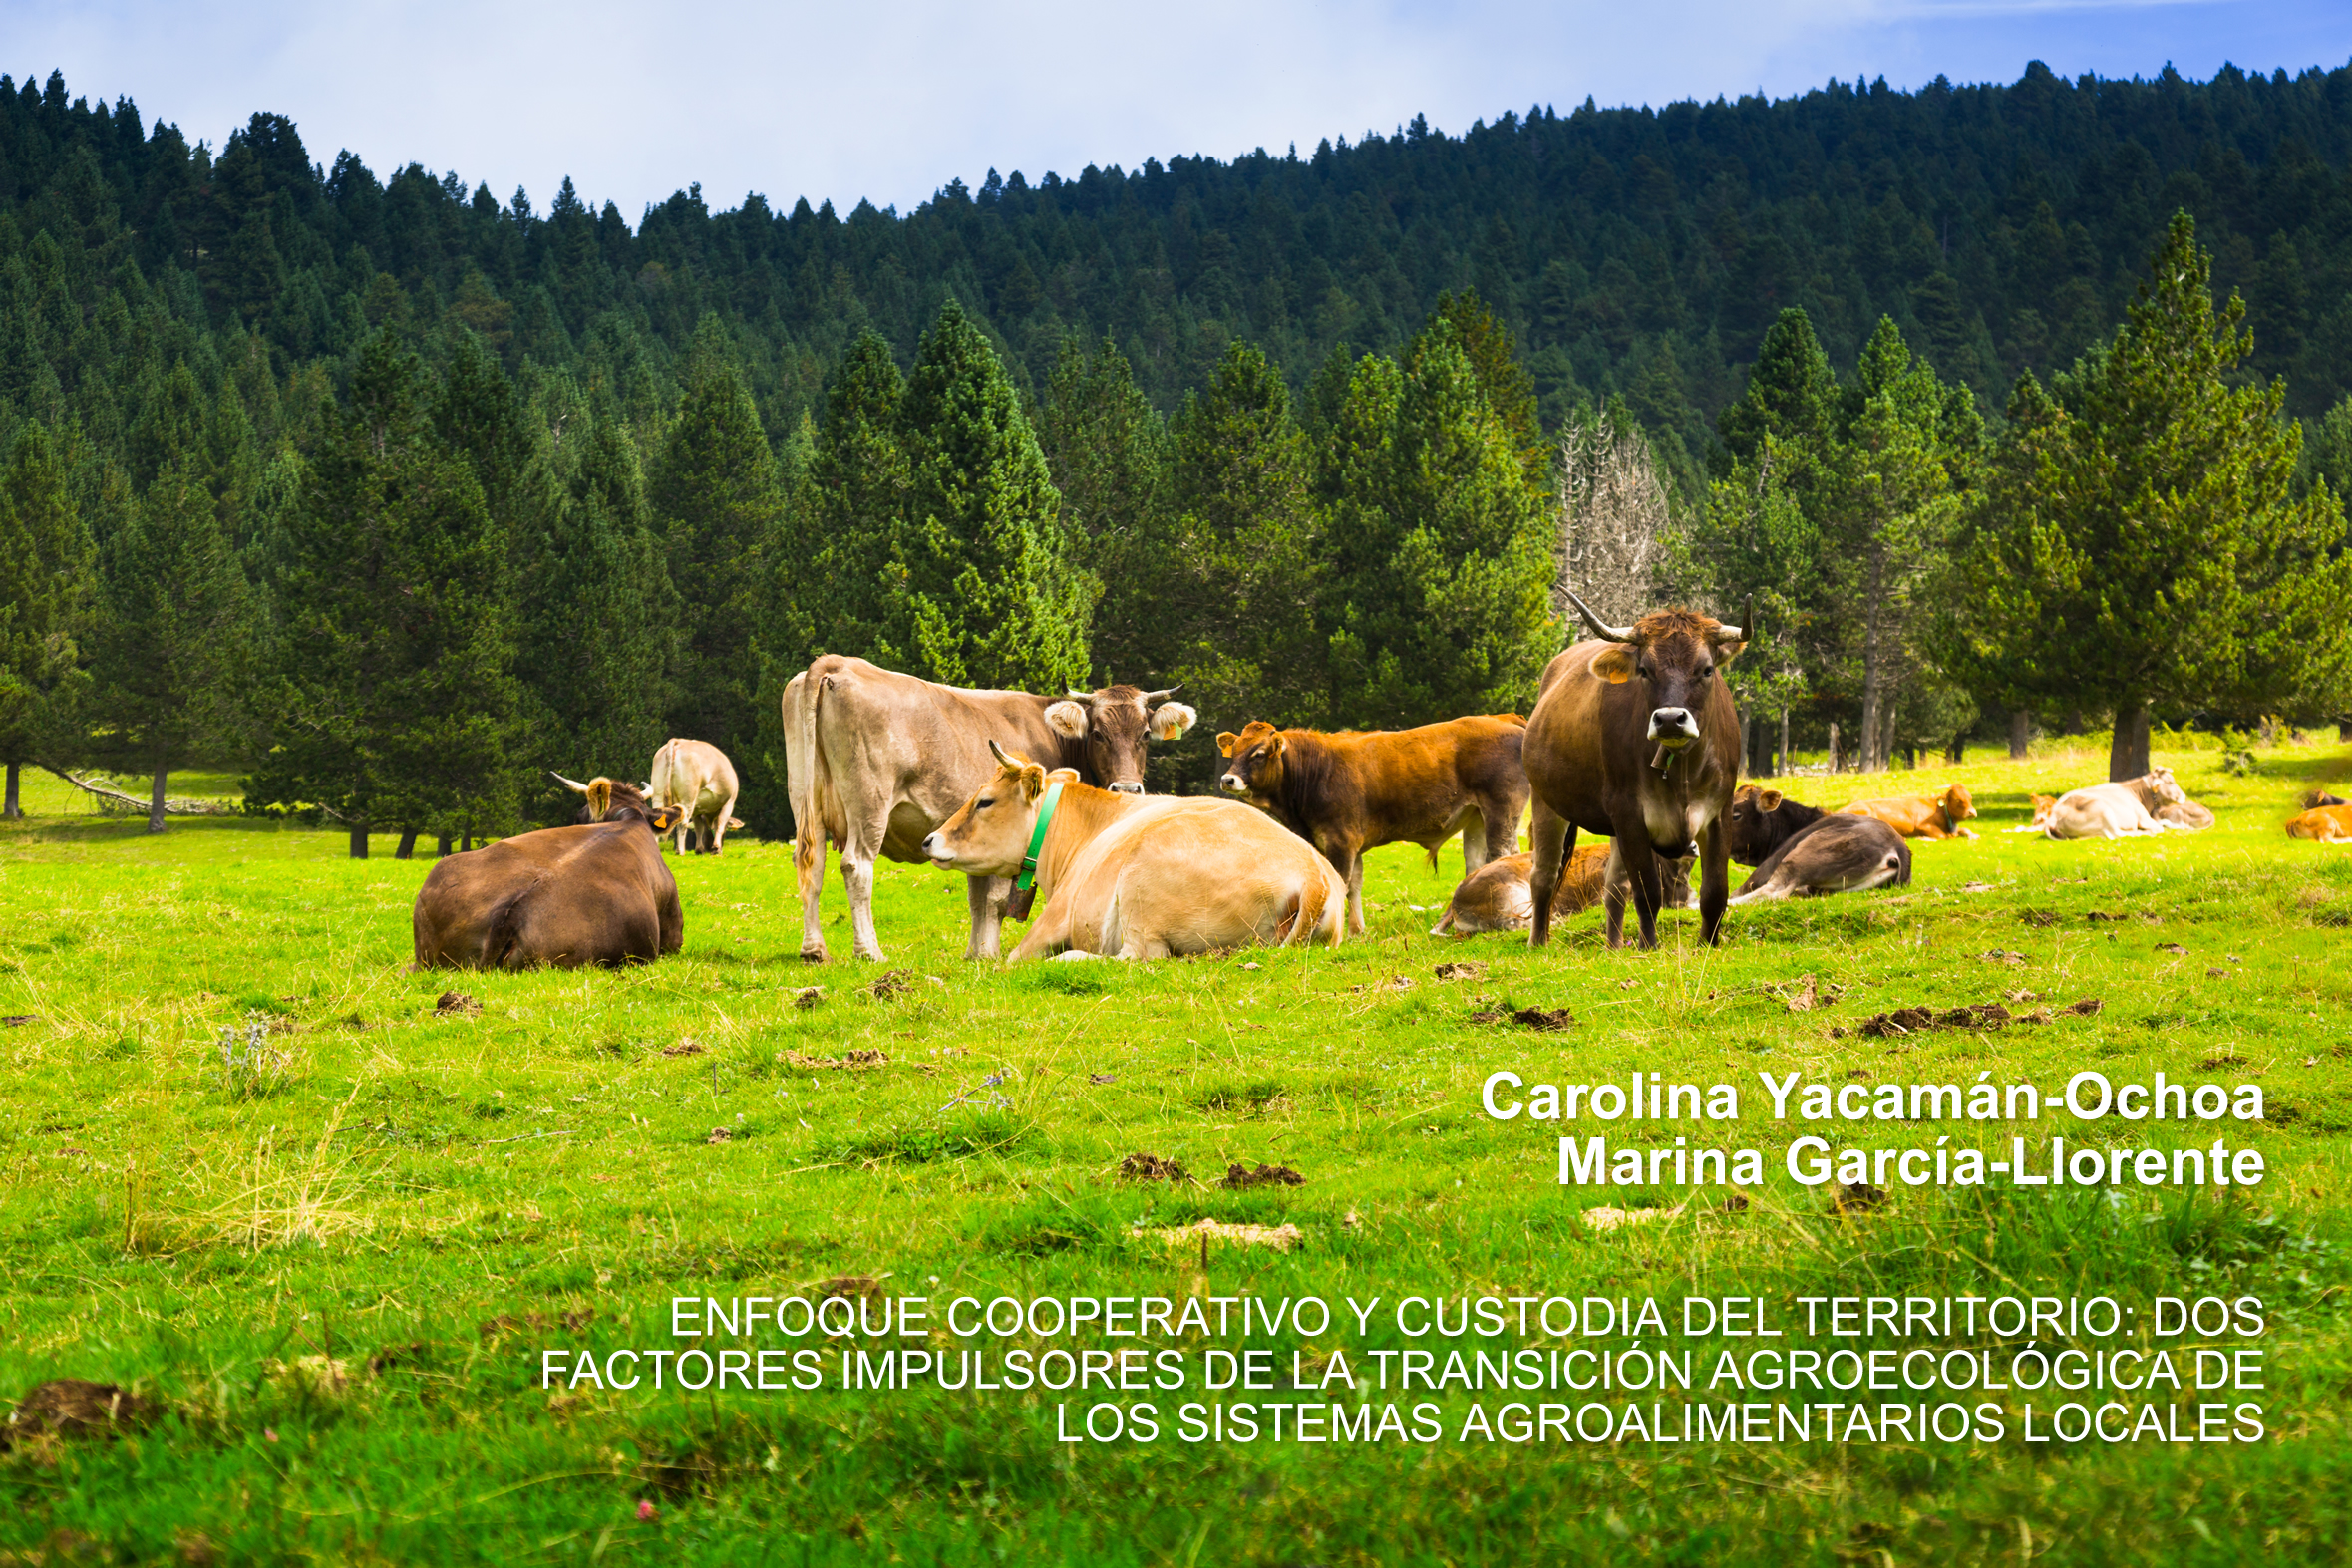 Patrimonio y gobernanza territorial de los sistemas agroalimentarios locales, Carolina Yacamán